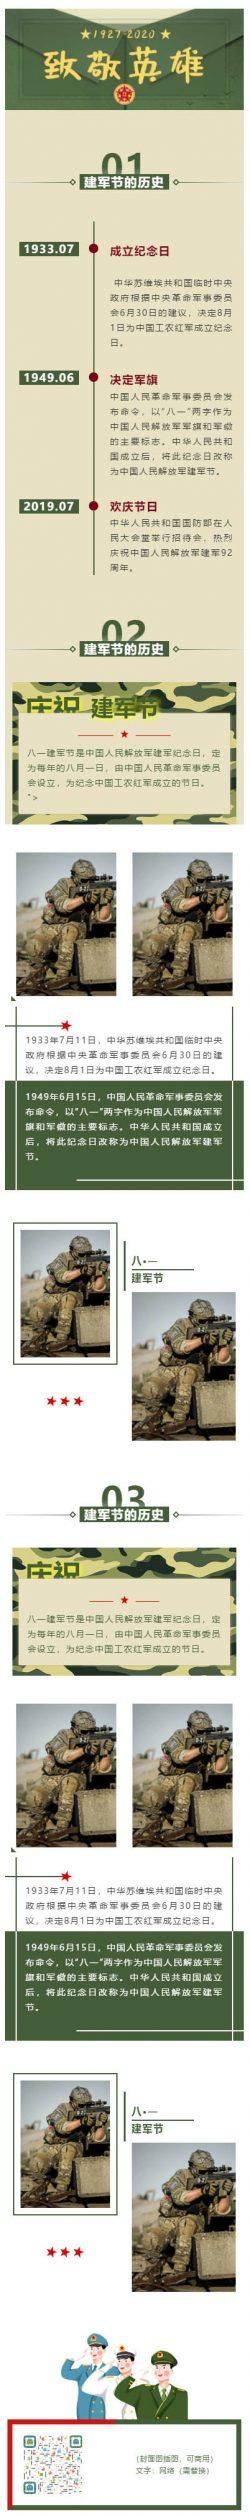 微信公众号图文模板建军节绿色风格军队推文素材推送文章